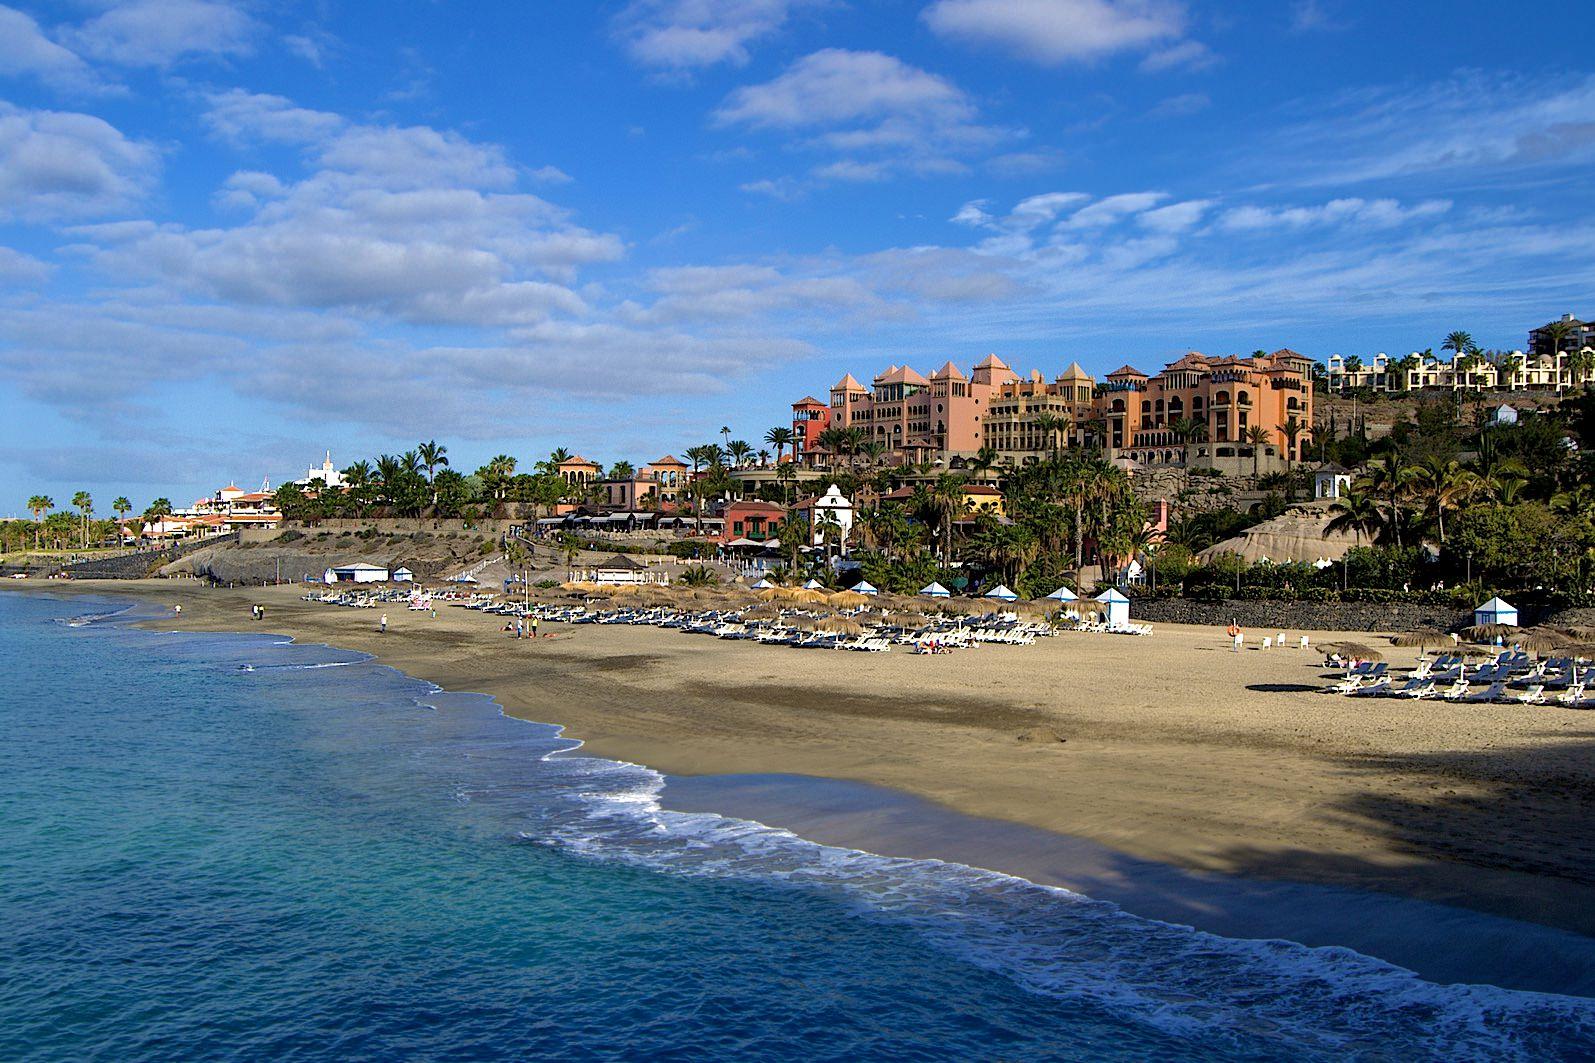 нагнул маму остров тенерифе канарские острова испания фото характеристики обеспечивают динамичную